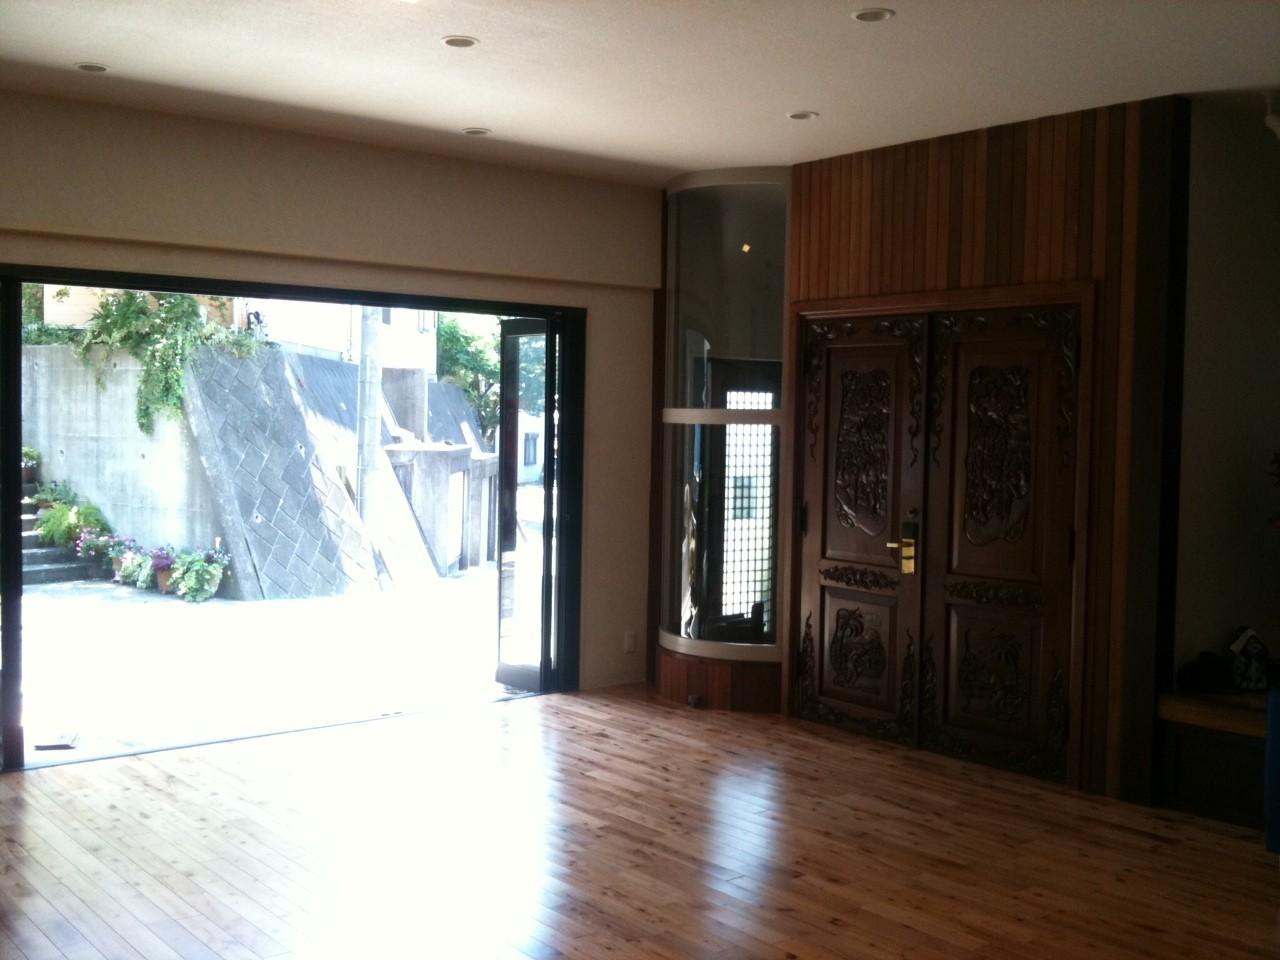 武スタジオはシックな造りになっています。ガラス扉を全部開けると開放感バツグン!